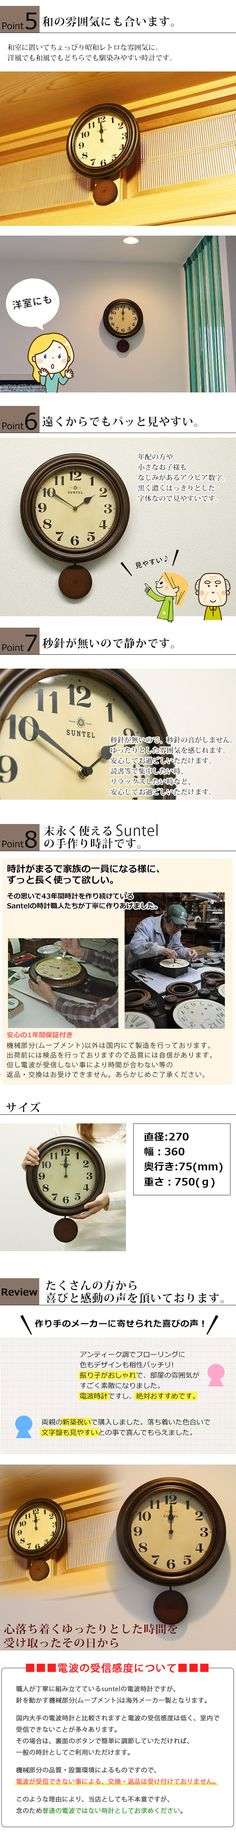 『日本製 レトロ 電波 1